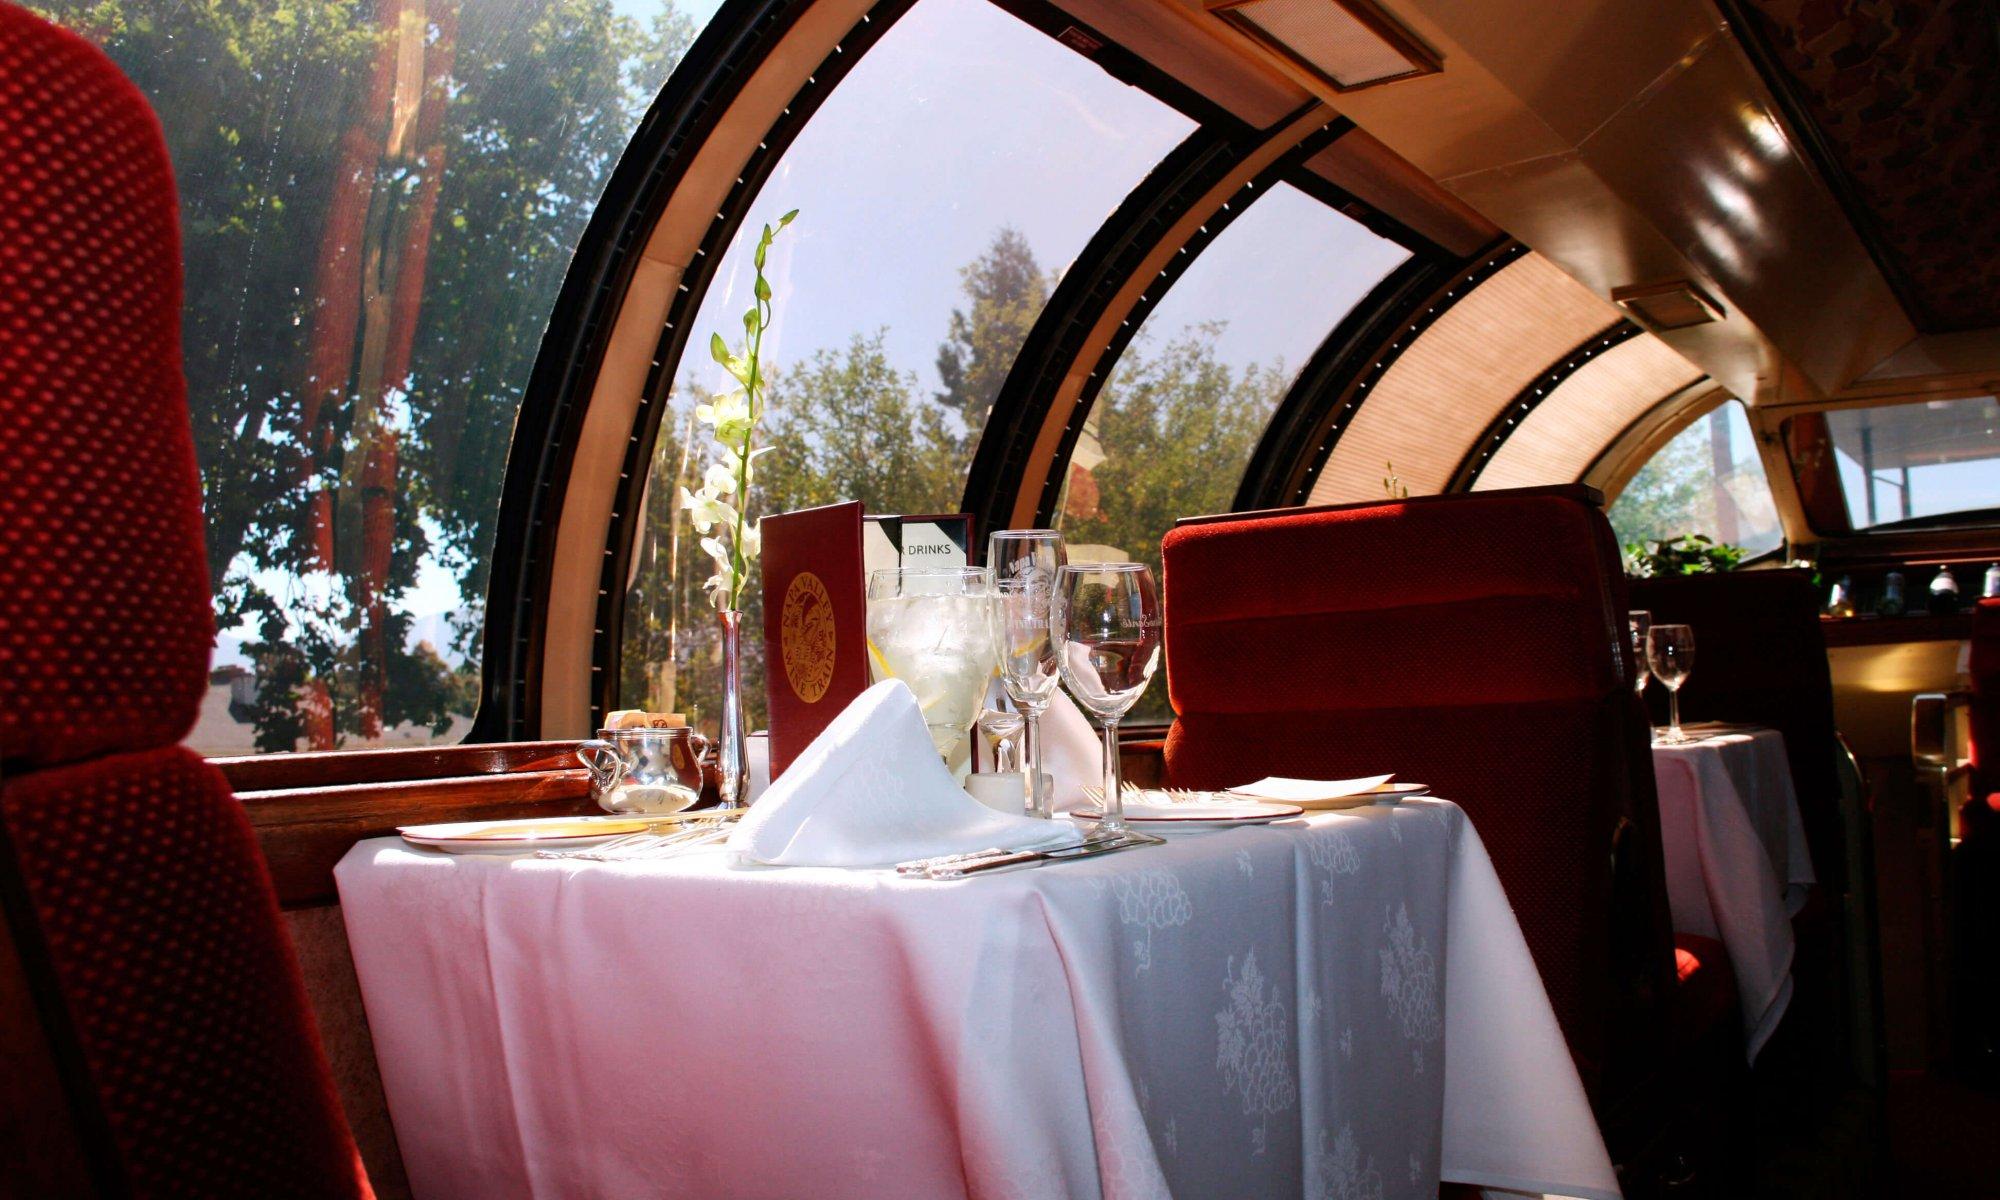 Vista Dome Premier